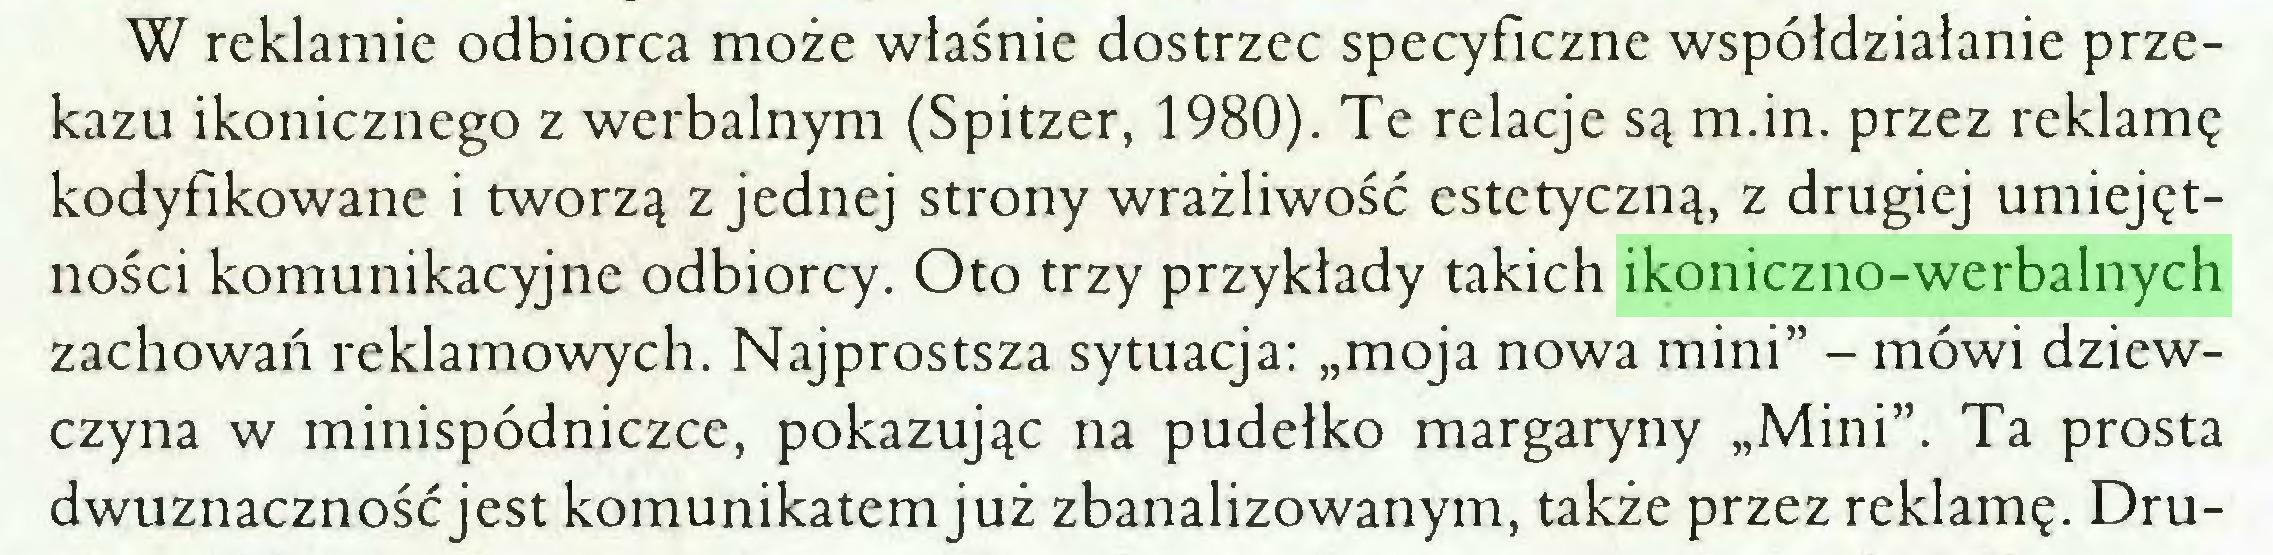 """(...) W reklamie odbiorca może właśnie dostrzec specyficzne współdziałanie przekazu ikonicznego z werbalnym (Spitzer, 1980). Te relacje są m.in. przez reklamę kodyfikowane i tworzą z jednej strony wrażliwość estetyczną, z drugiej umiejętności komunikacyjne odbiorcy. Oto trzy przykłady takich ikoniczno-werbalnych zachowań reklamowych. Najprostsza sytuacja: """"moja nowa mini"""" - mówi dziewczyna w minispódniczce, pokazując na pudełko margaryny """"Mini"""". Ta prosta dwuznacznośćjest komunikatem już zbanalizowanym, także przez reklamę. Dru..."""